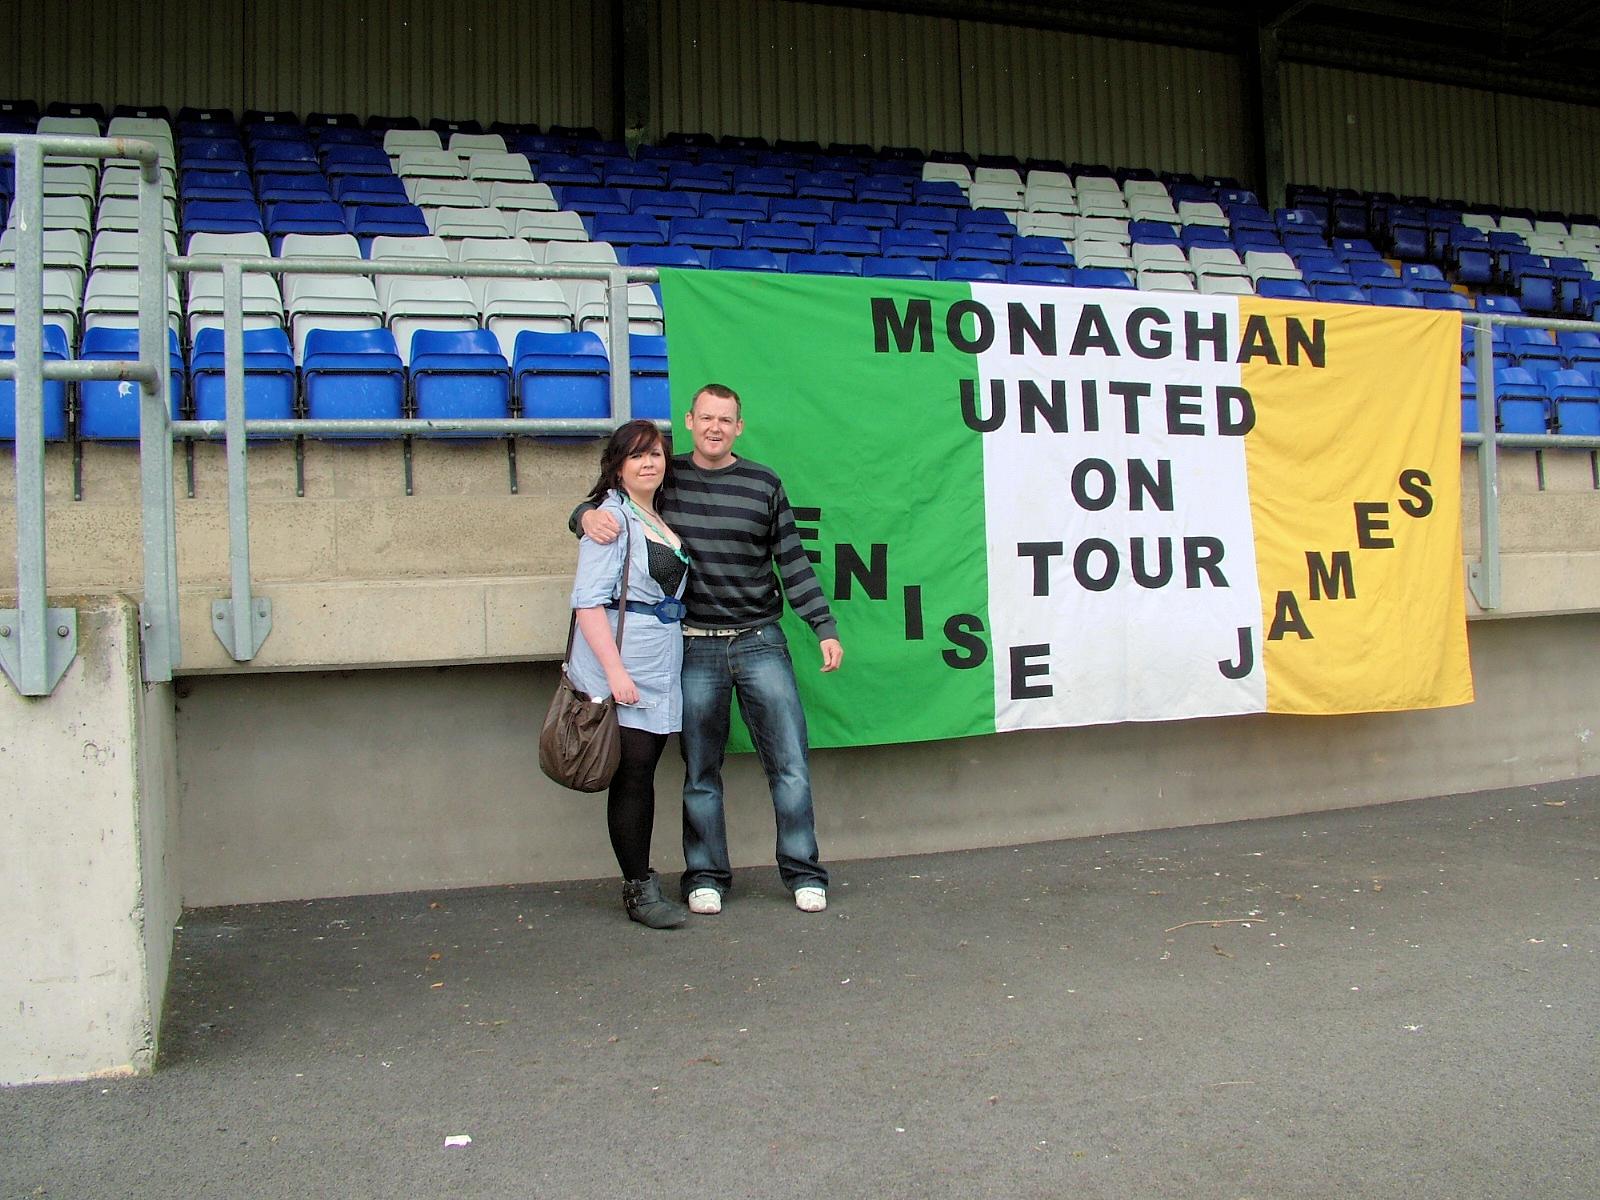 Gortakeegan - Monaghan United